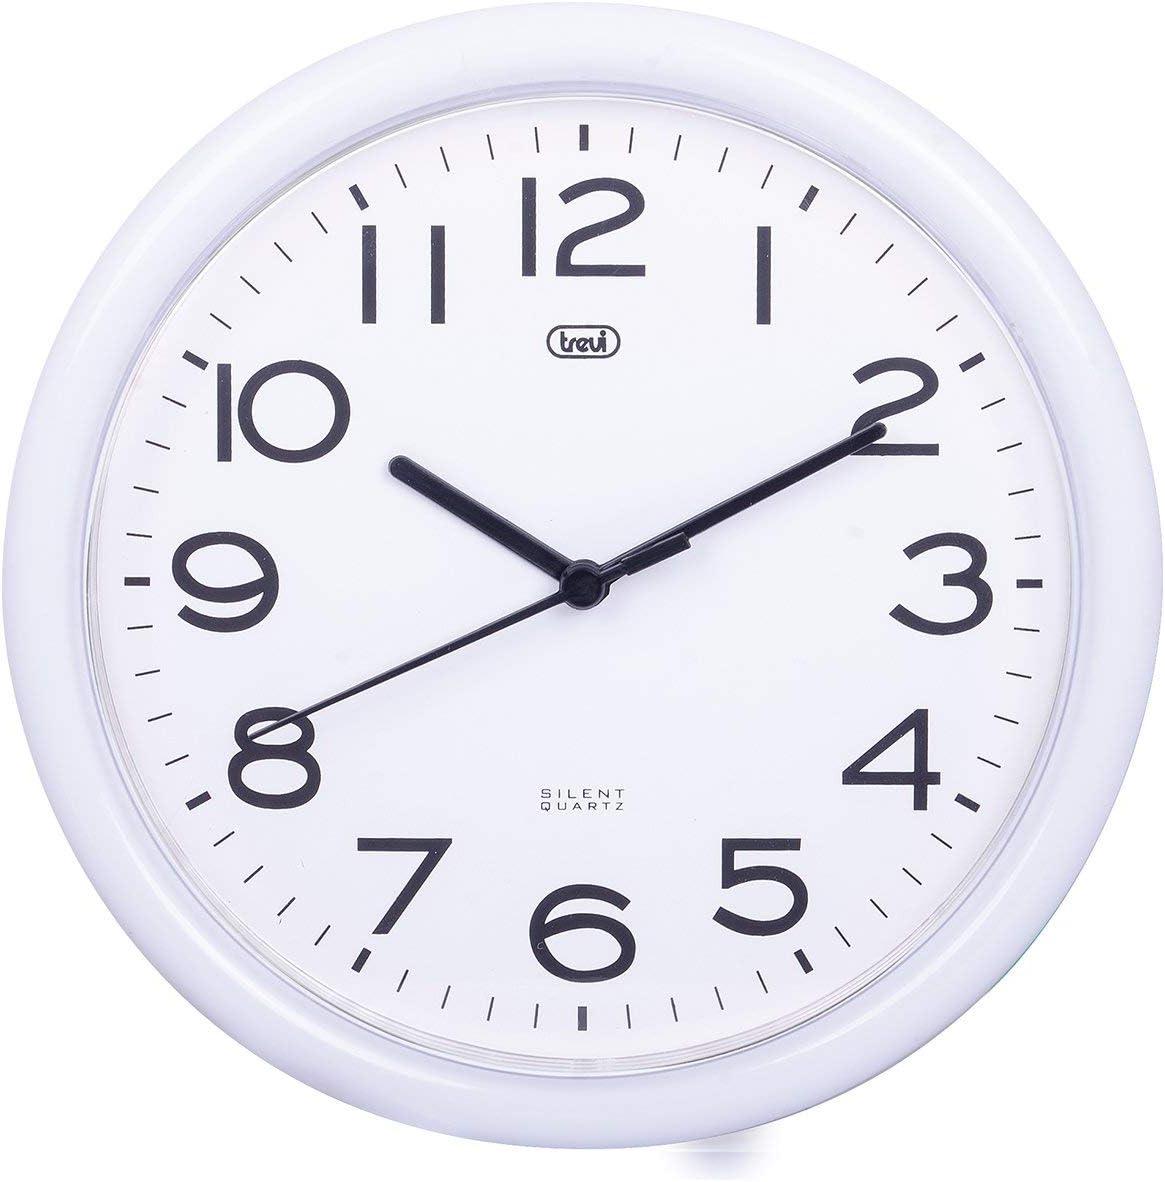 Trevi OM 3301 - Reloj de pared silencioso de 25,5 cm con maquinaria de cuarzo, color blanco